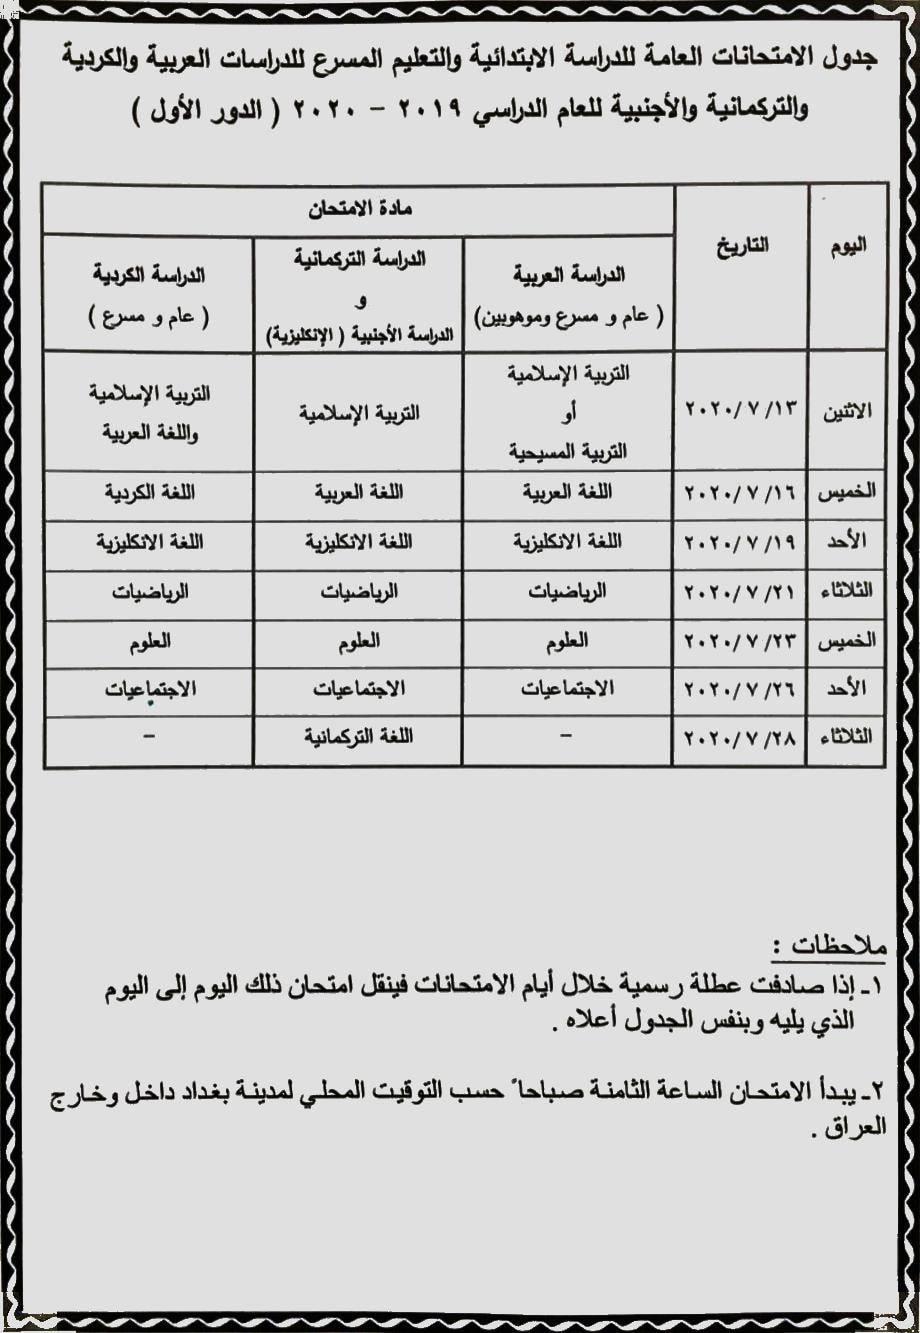 جدول امتحانات الصف السادس الابتدائي الدور الاول 2020 وزارة التربية العراقية 95731300_1475997505942258_4548453748959084544_o